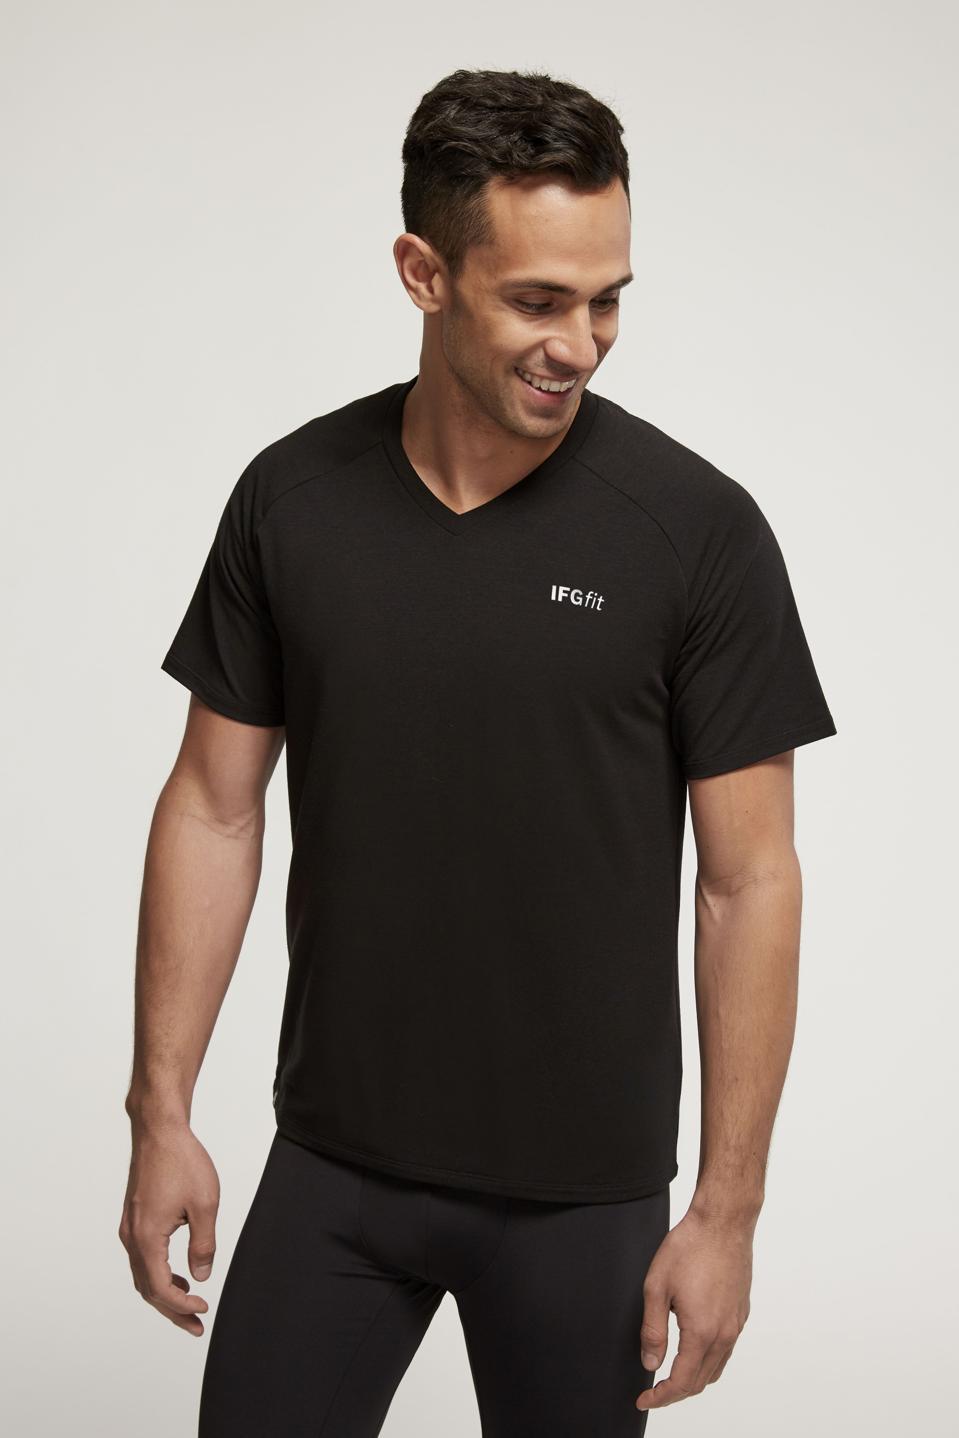 Men's Tencel V-Neck in Black on model